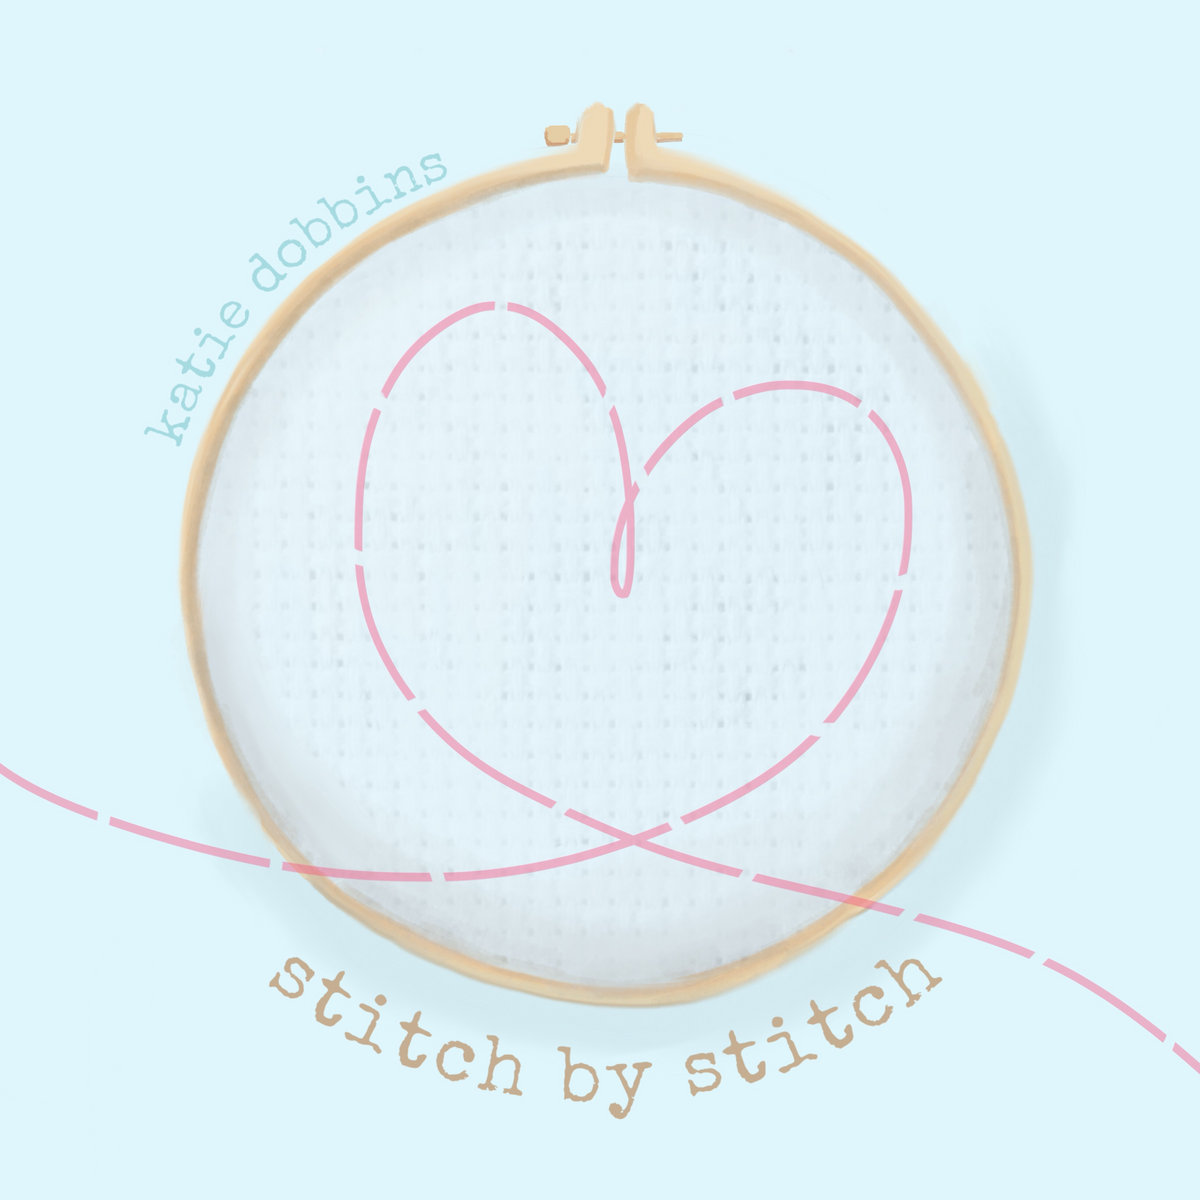 Stitch by Stitch by Katie Dobbins